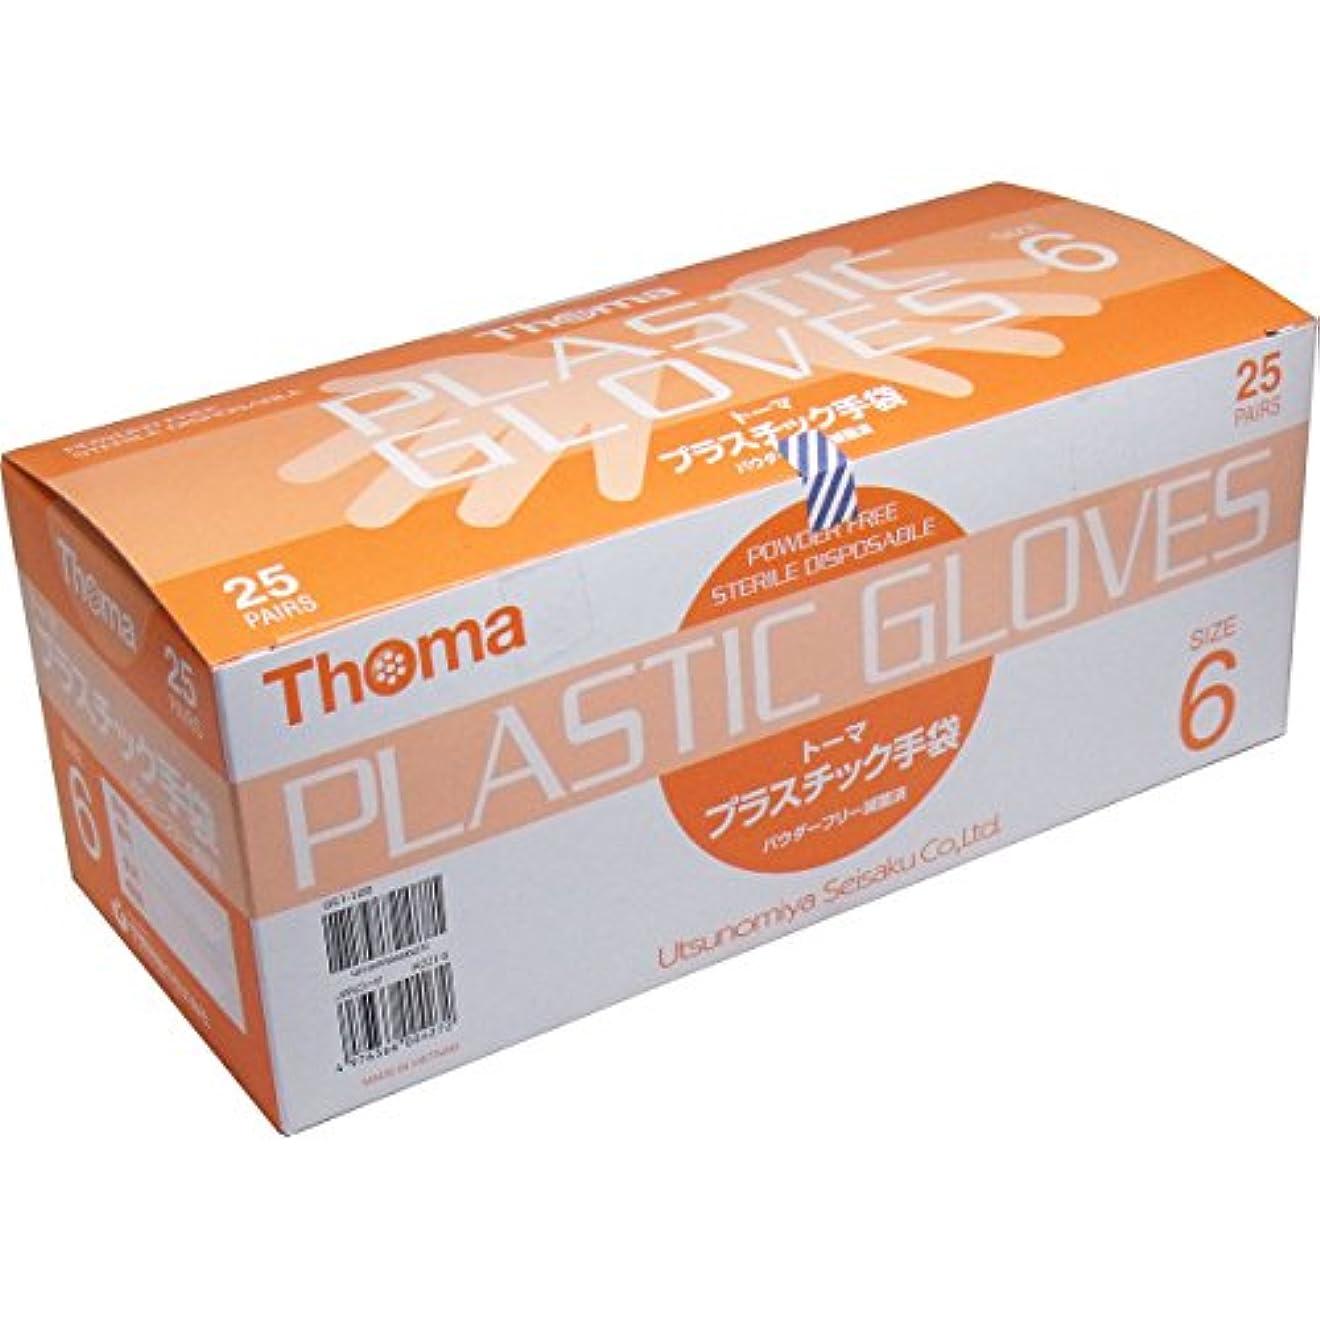 しつけ促進する空の超薄手プラスチック手袋 超薄手仕上げ 使いやすい トーマ プラスチック手袋 パウダーフリー滅菌済 25双入 サイズ6【3個セット】